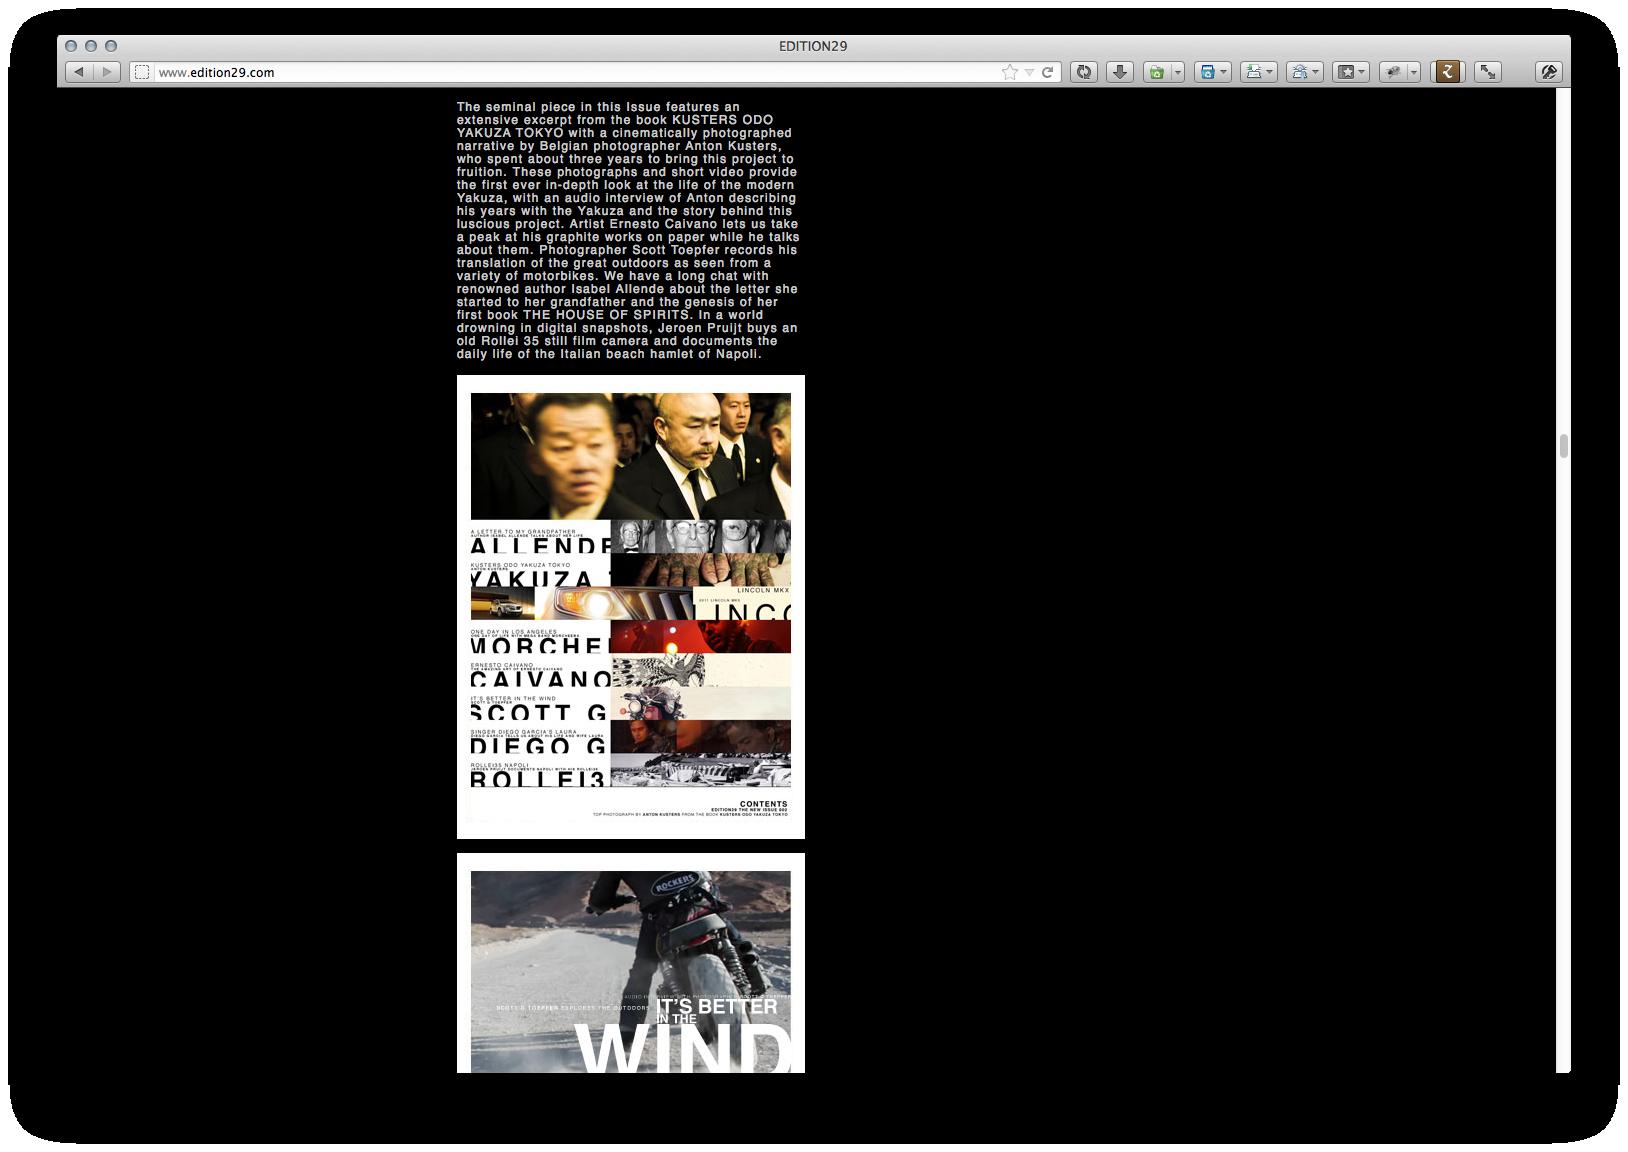 Screen-Shot-2012-02-12-at-13.59.38.png